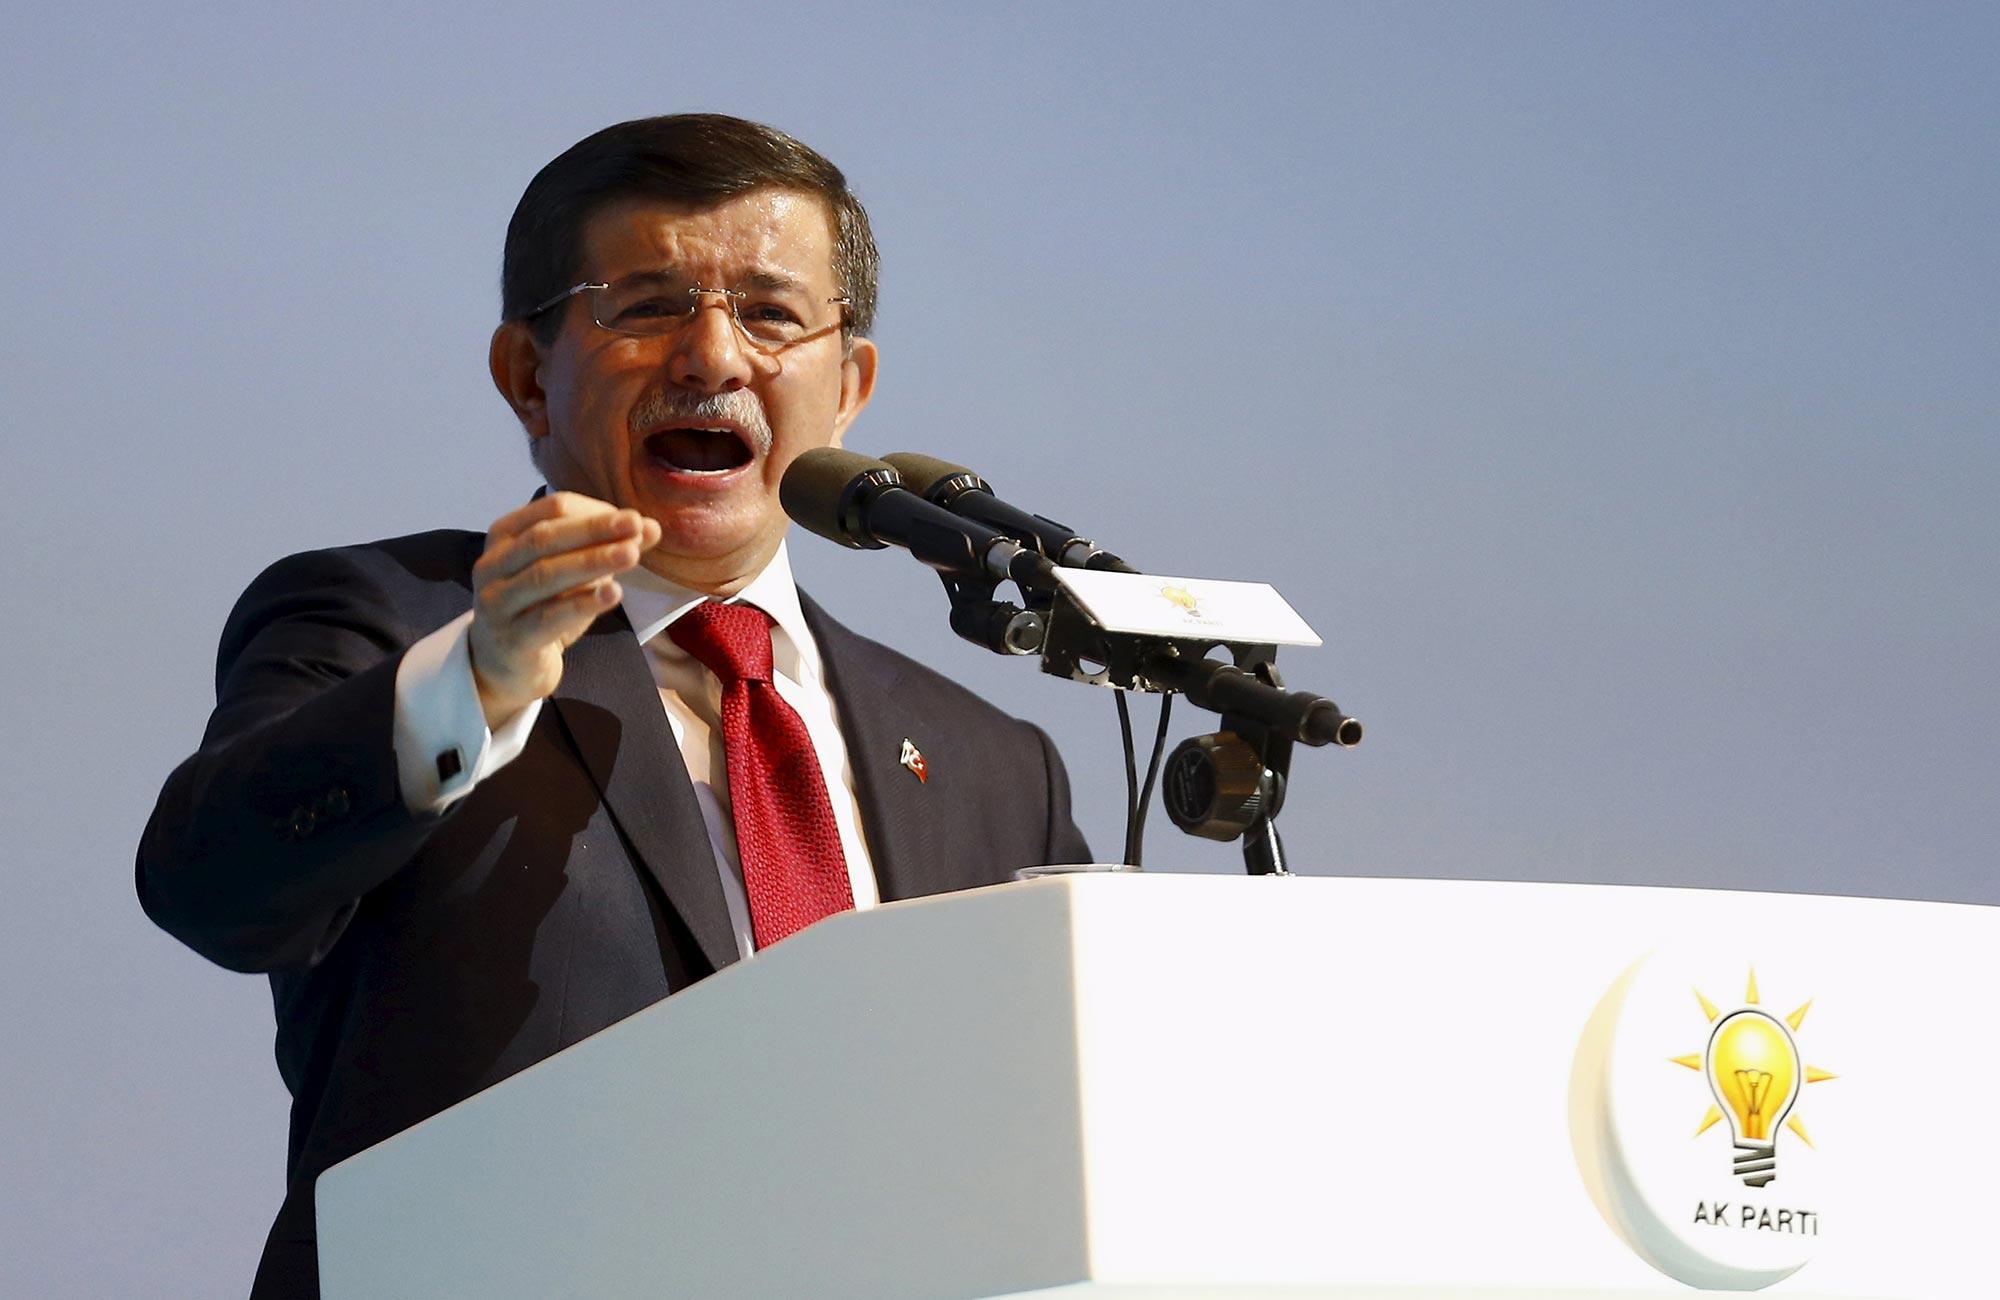 الحزب الحاكم في تركيا  يعد بنظام رئاسي